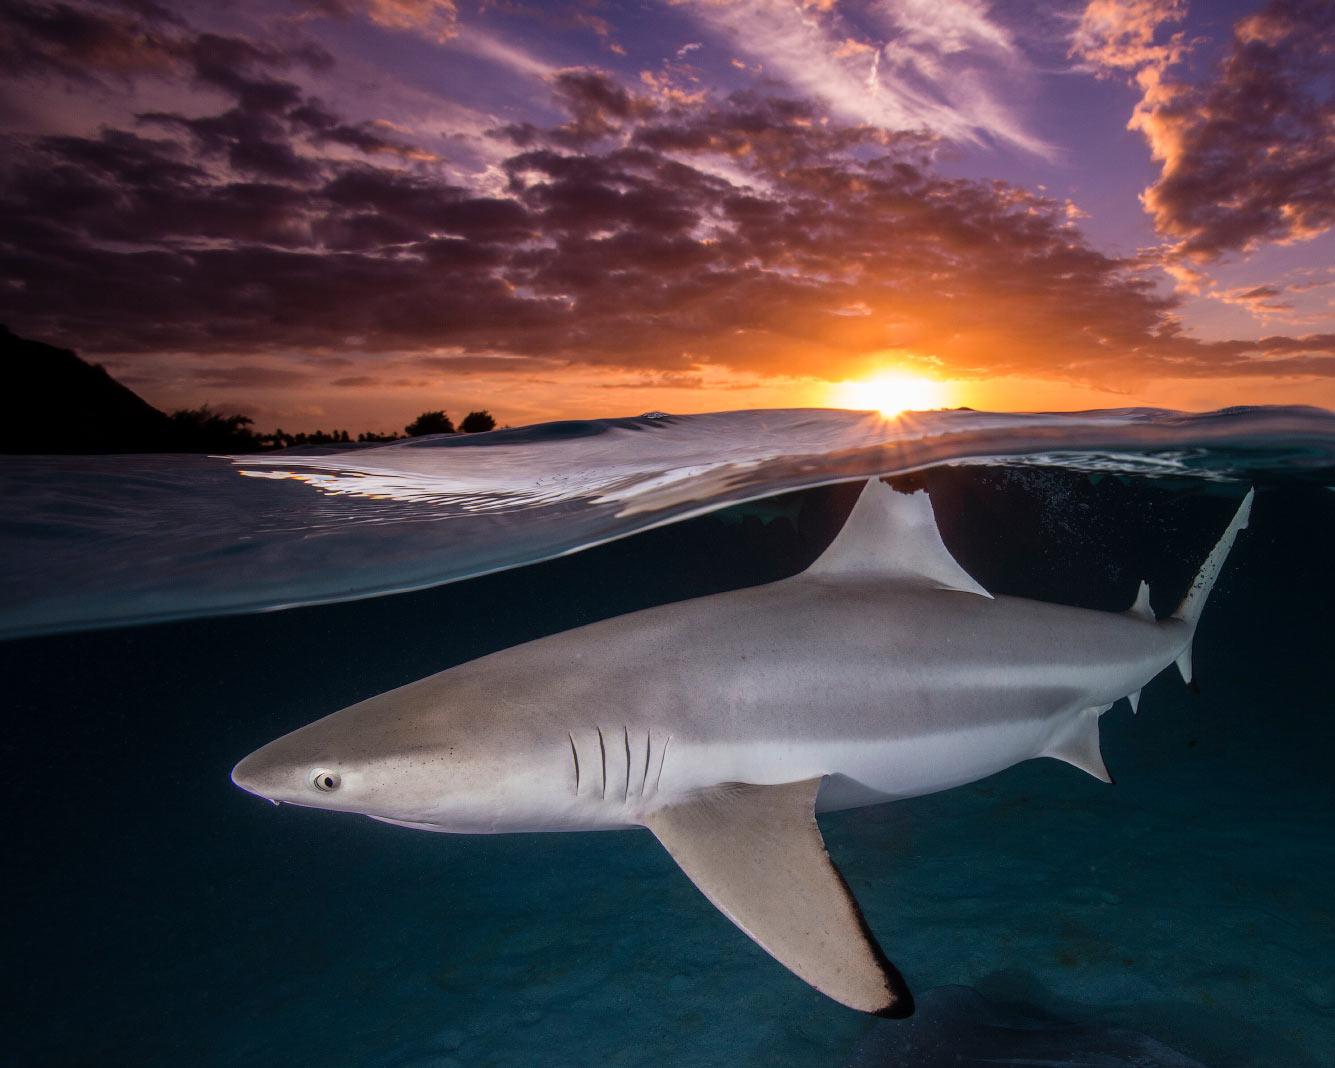 Фотография черноперой рифовой акулы